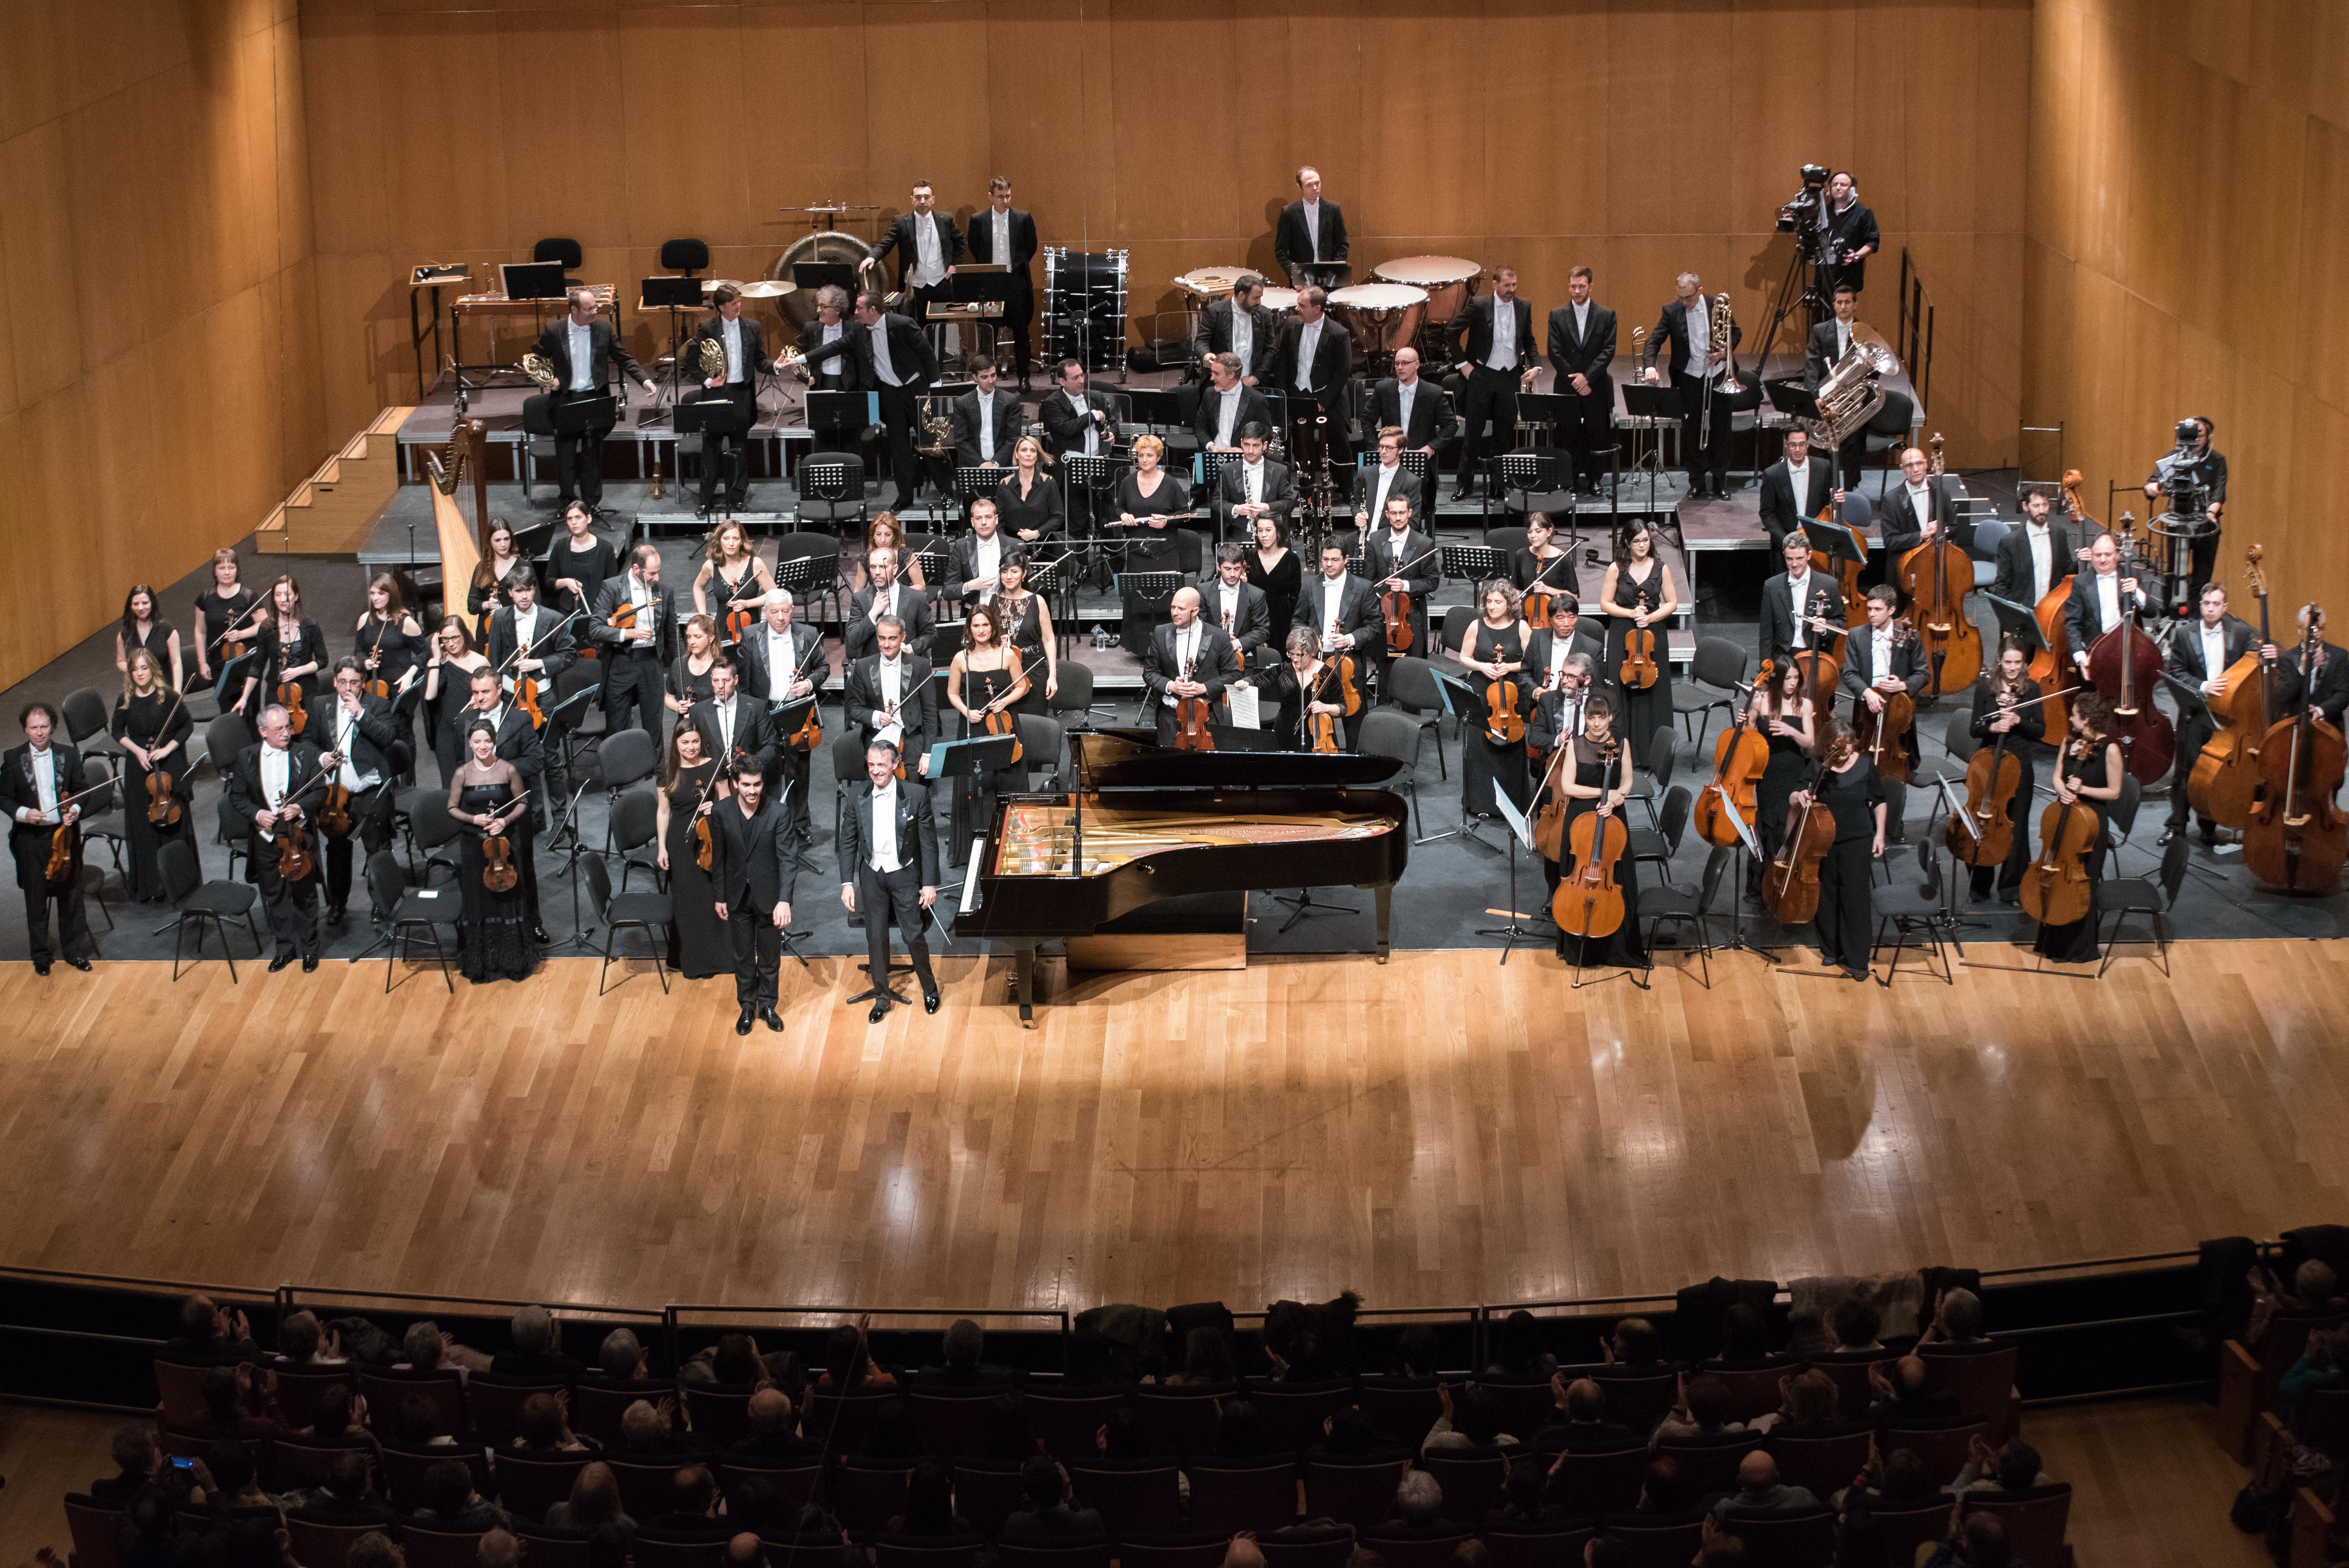 La Orquesta Sinfónica RTVE conmemora el VIII Centenario de la Universidad de Salamanca